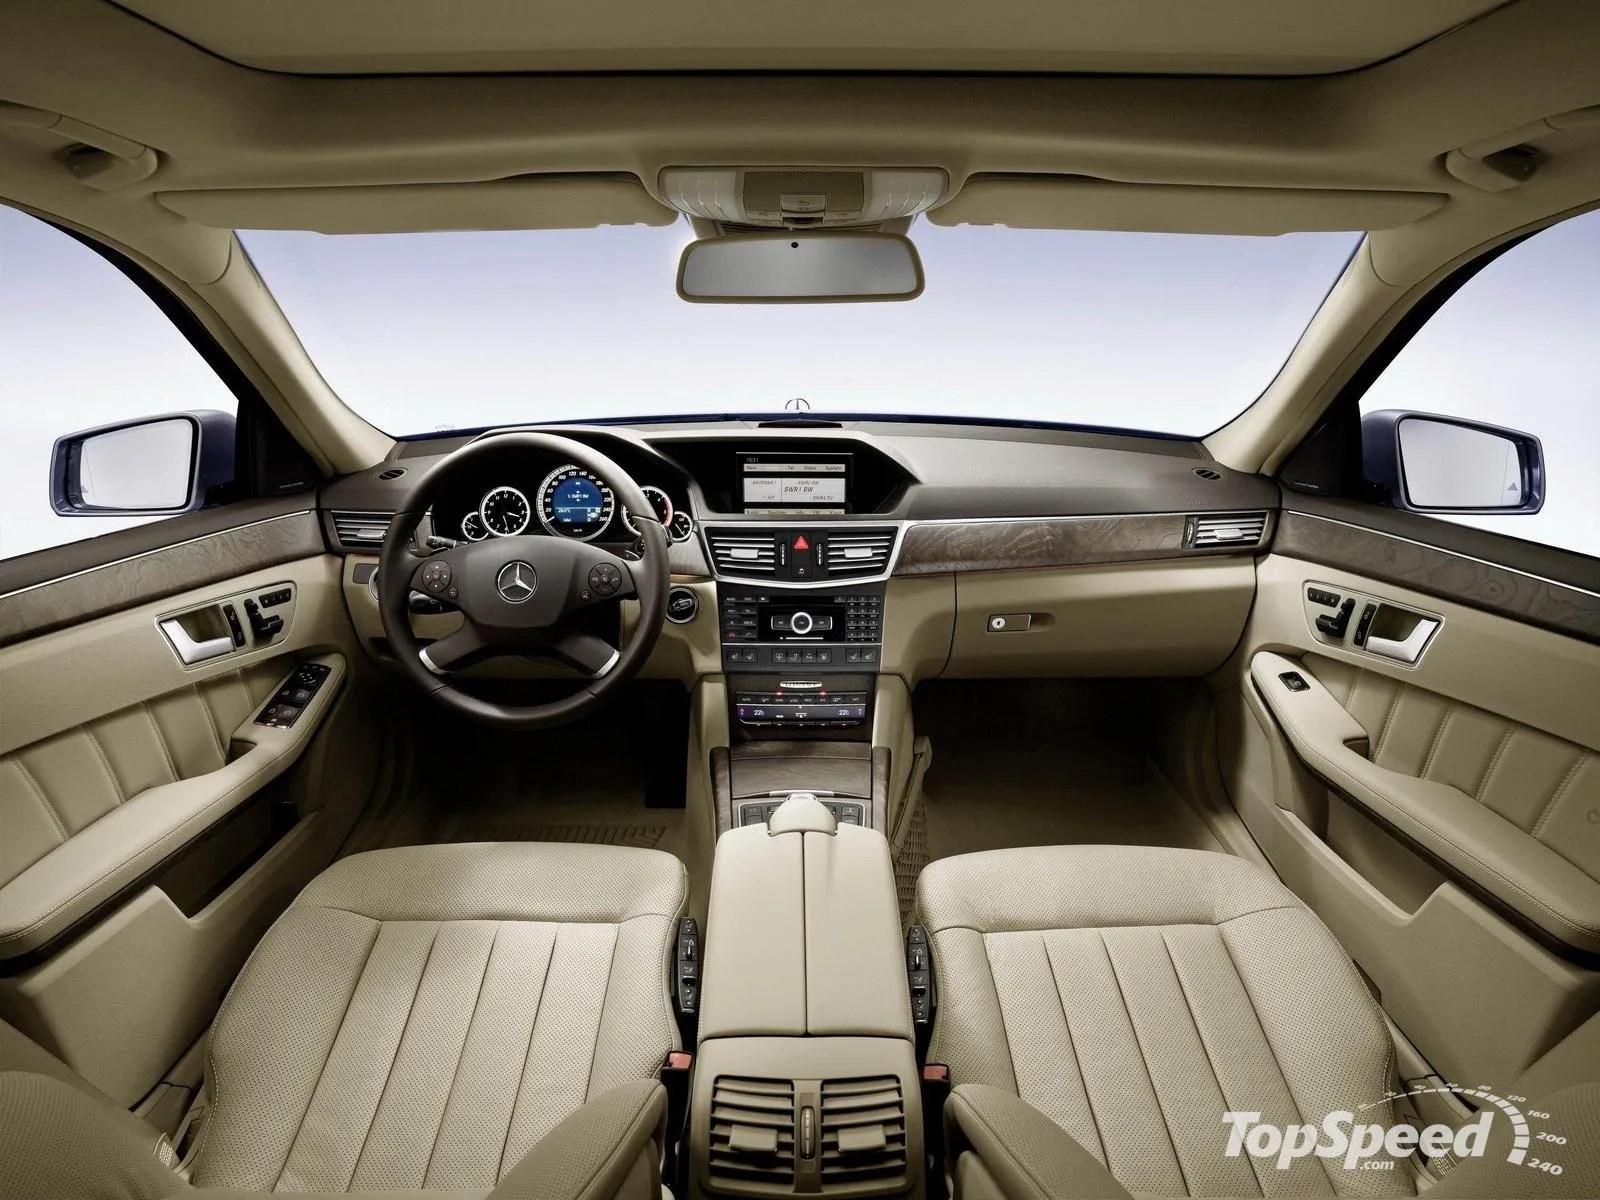 hight resolution of 2009 2012 mercedes benz e class top speed